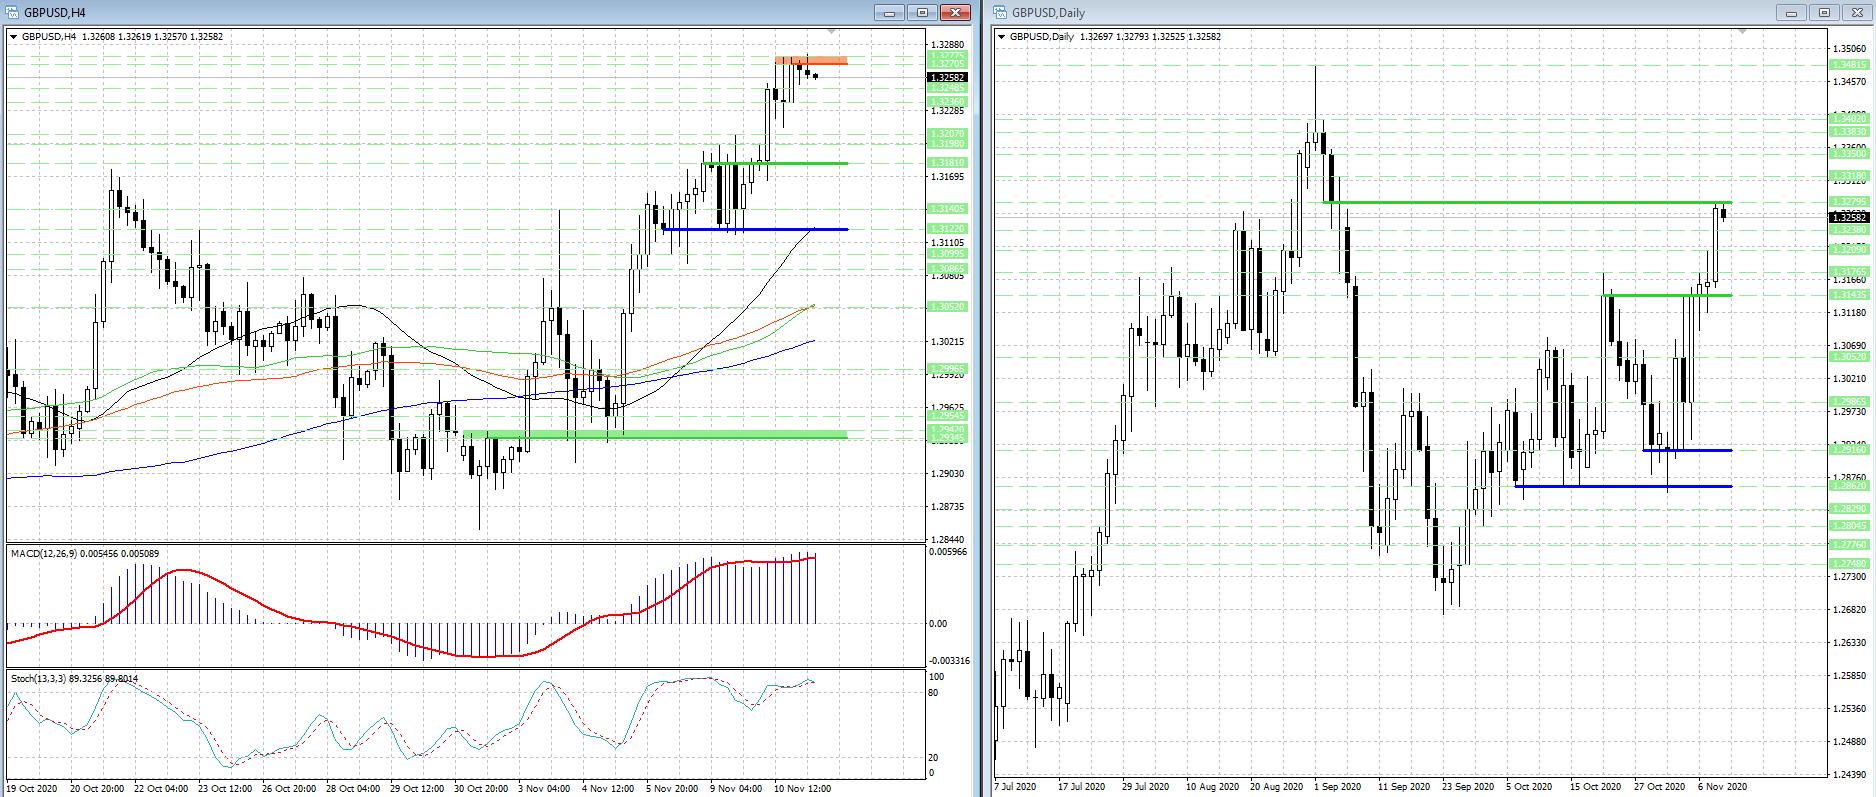 Рост валютной пары GBP/USD замедлился, но медведи не торопятся контратаковать...